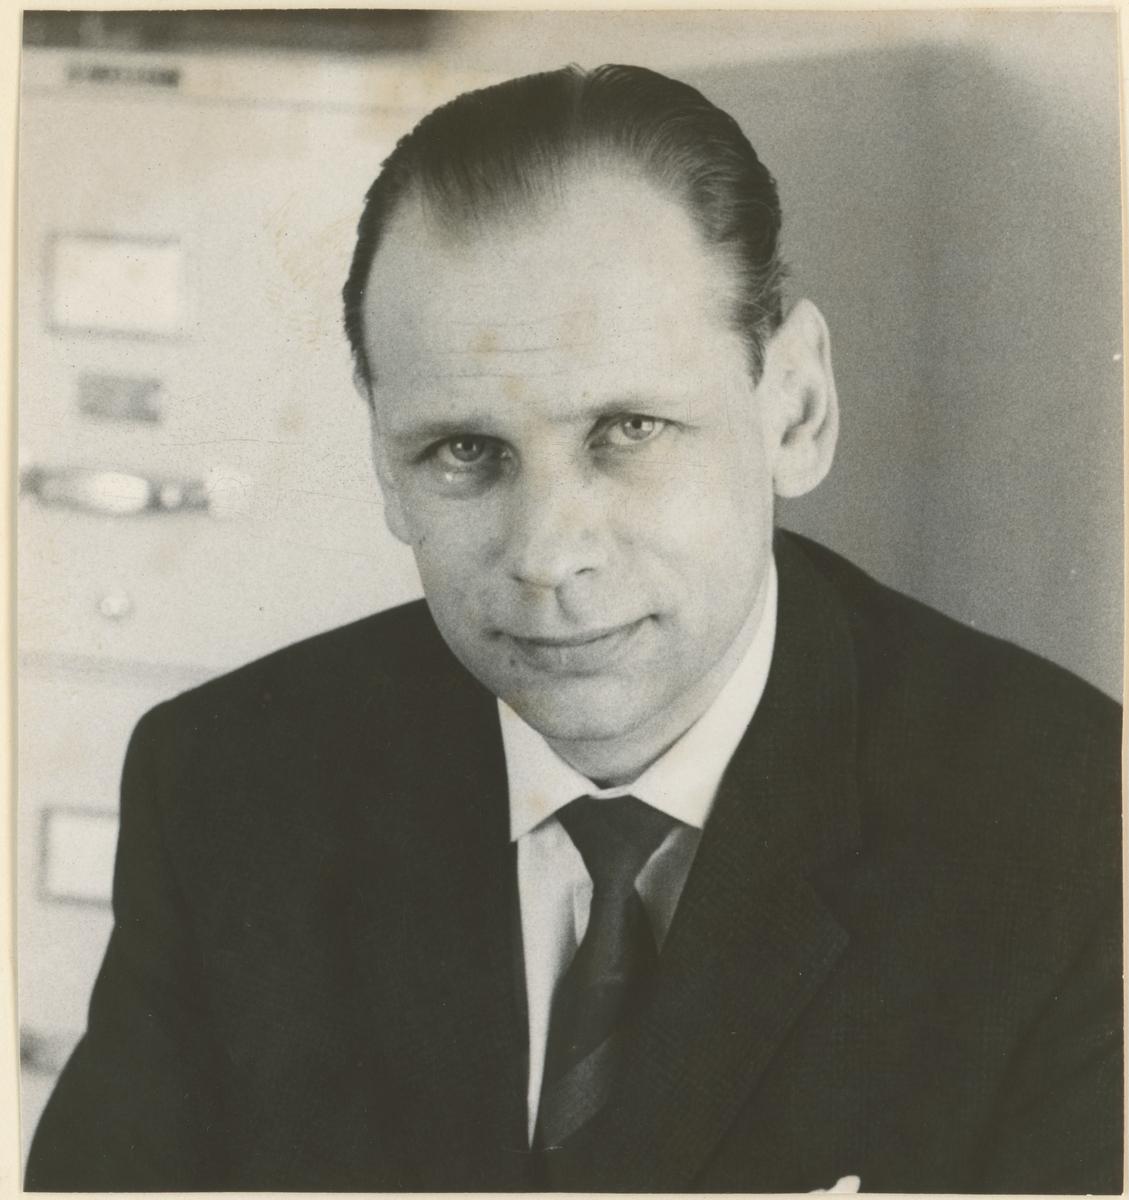 Fire portrettfotos, ukjent årstall.  Josef Magnussen (grosserer), Knut A.B. Røskoldt (sjefssekretær), Philip Rønneberg, Trond Lunde (kjøpmann).